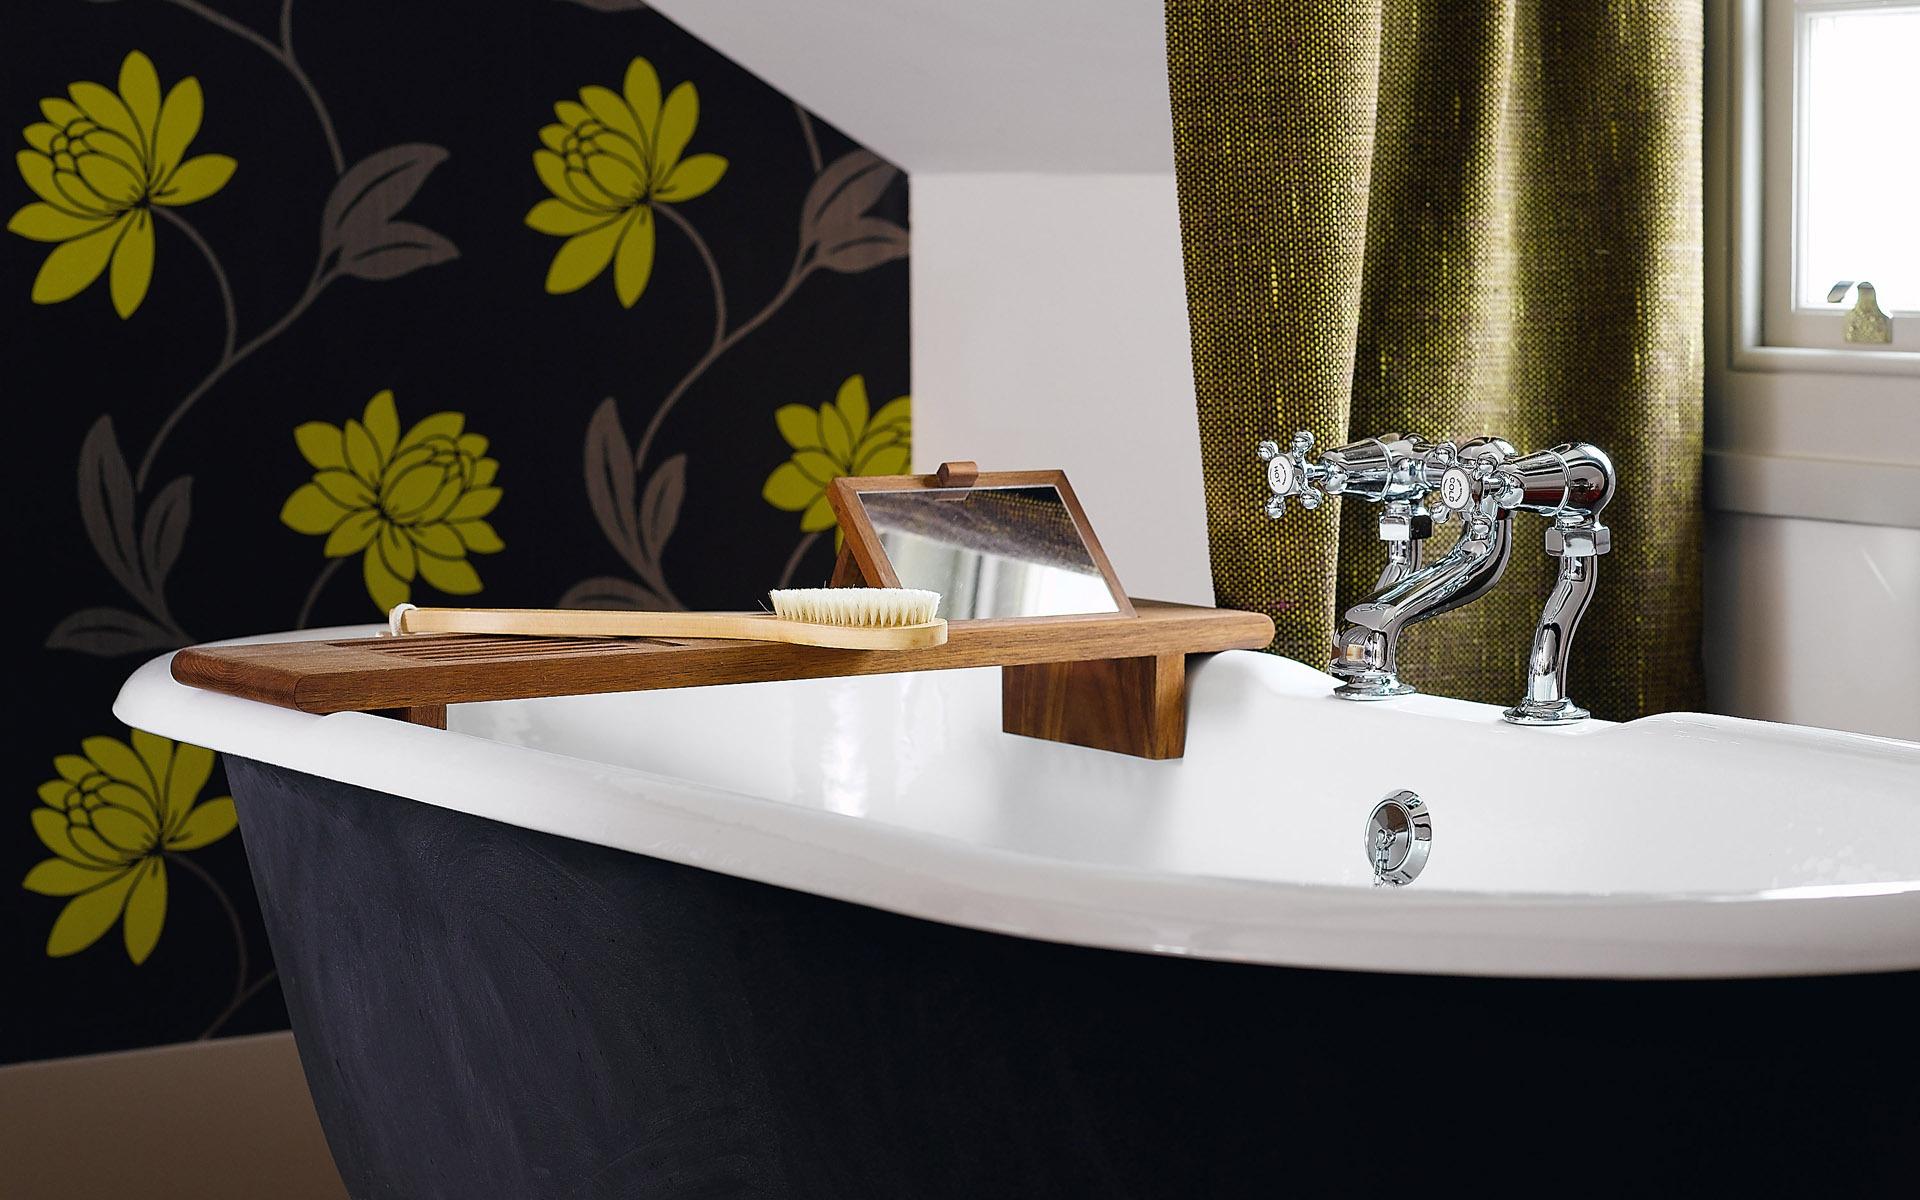 fond d 39 cran photo salle de bain 3 12 1920x1200 fond d 39 cran t l charger fond d 39 cran. Black Bedroom Furniture Sets. Home Design Ideas